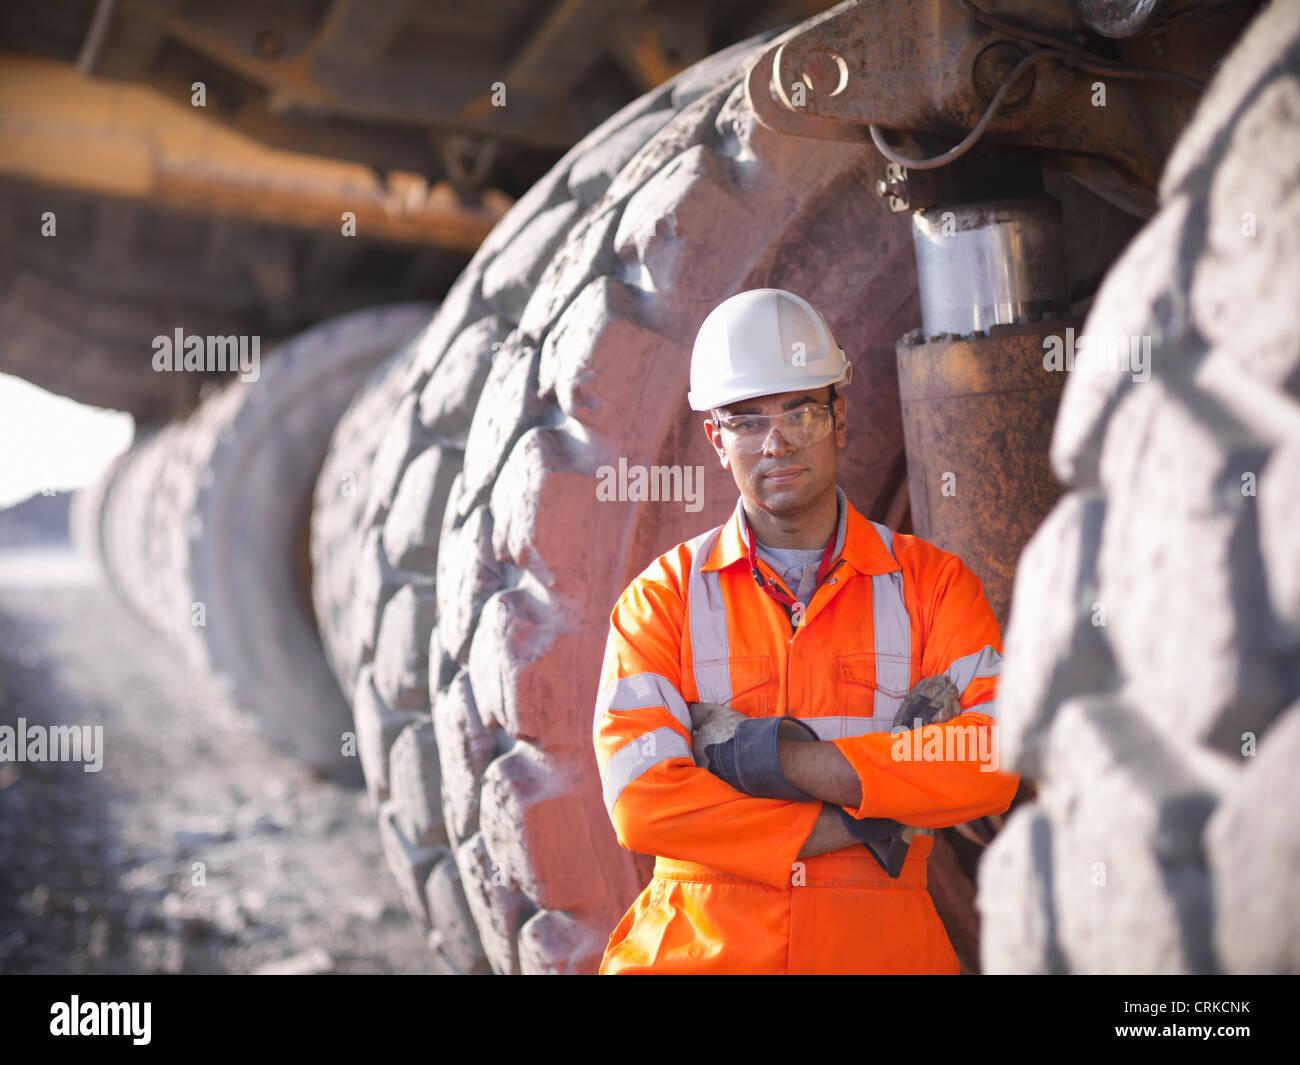 Lavoratore in piedi da carrelli in miniera di carbone Immagini Stock